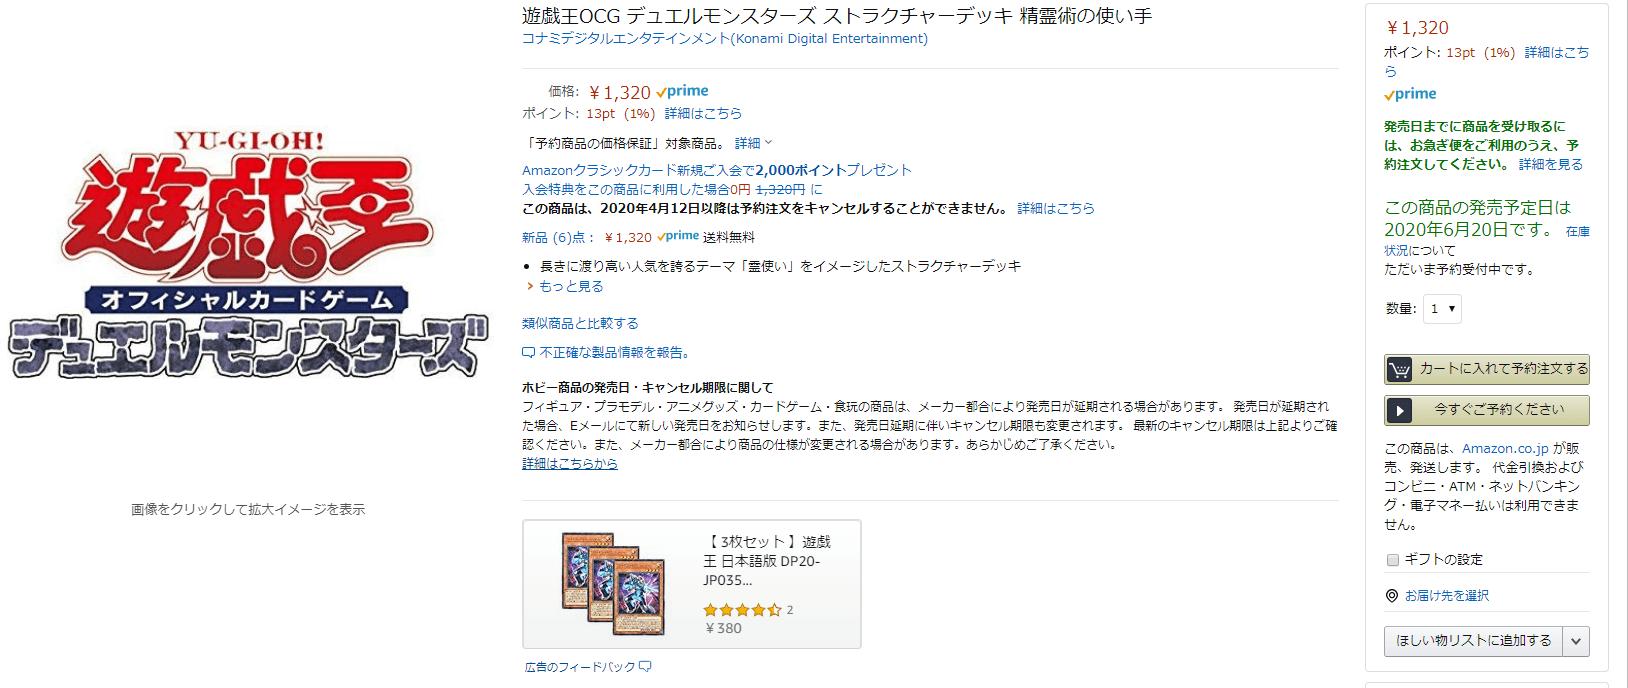 「精霊術の使い手」 Amazon